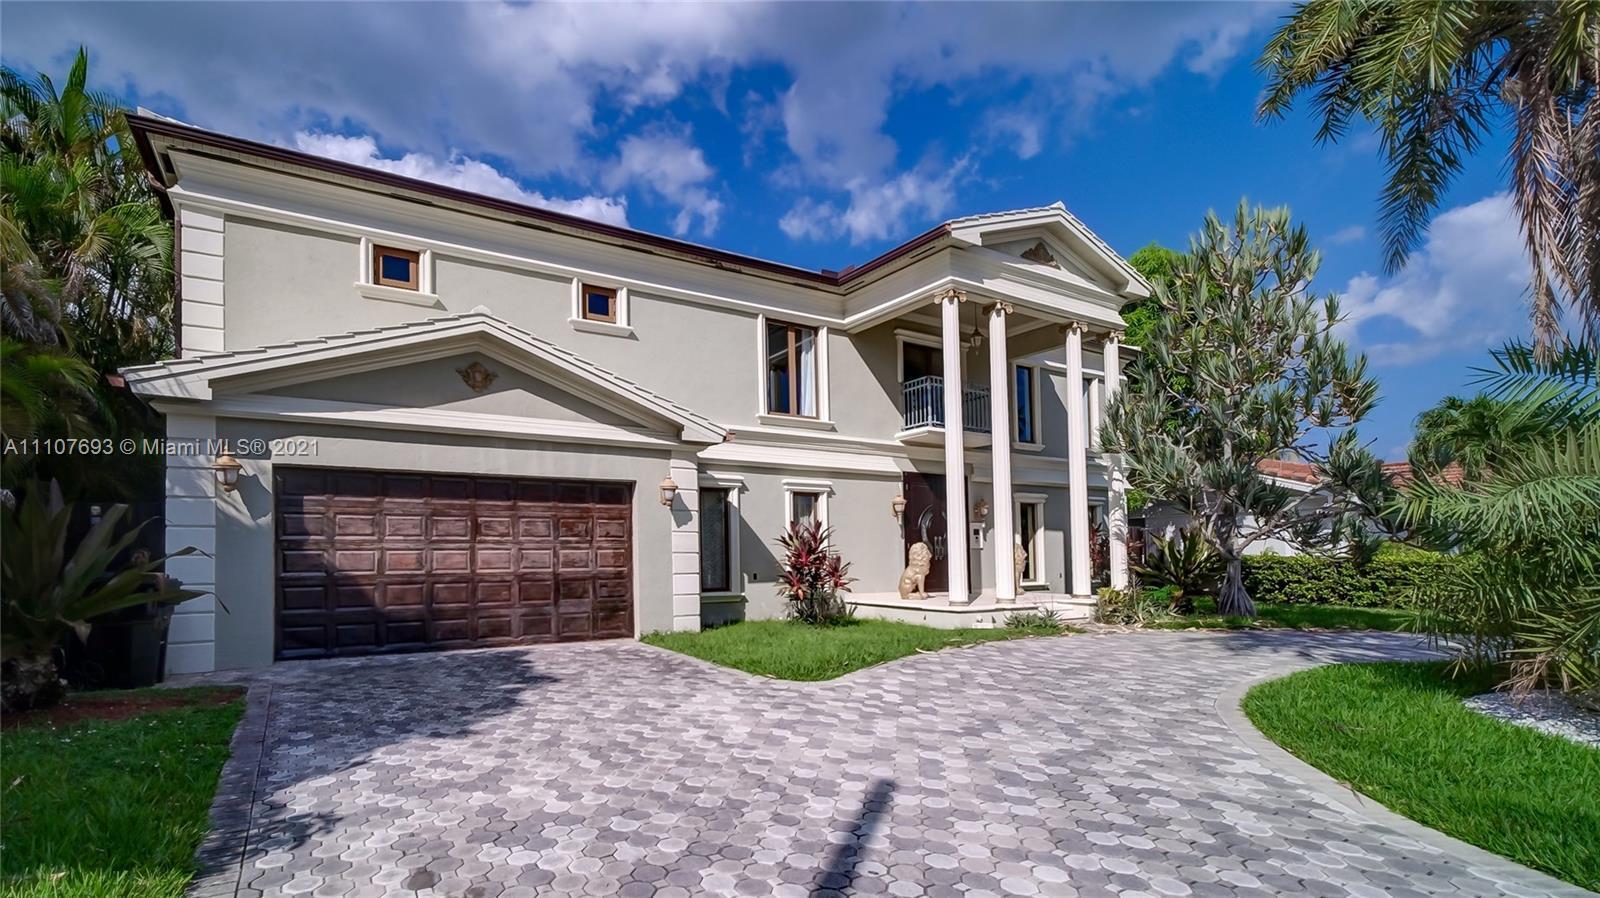 North Miami Beach - 3265 NE 167th St, North Miami Beach, FL 33160